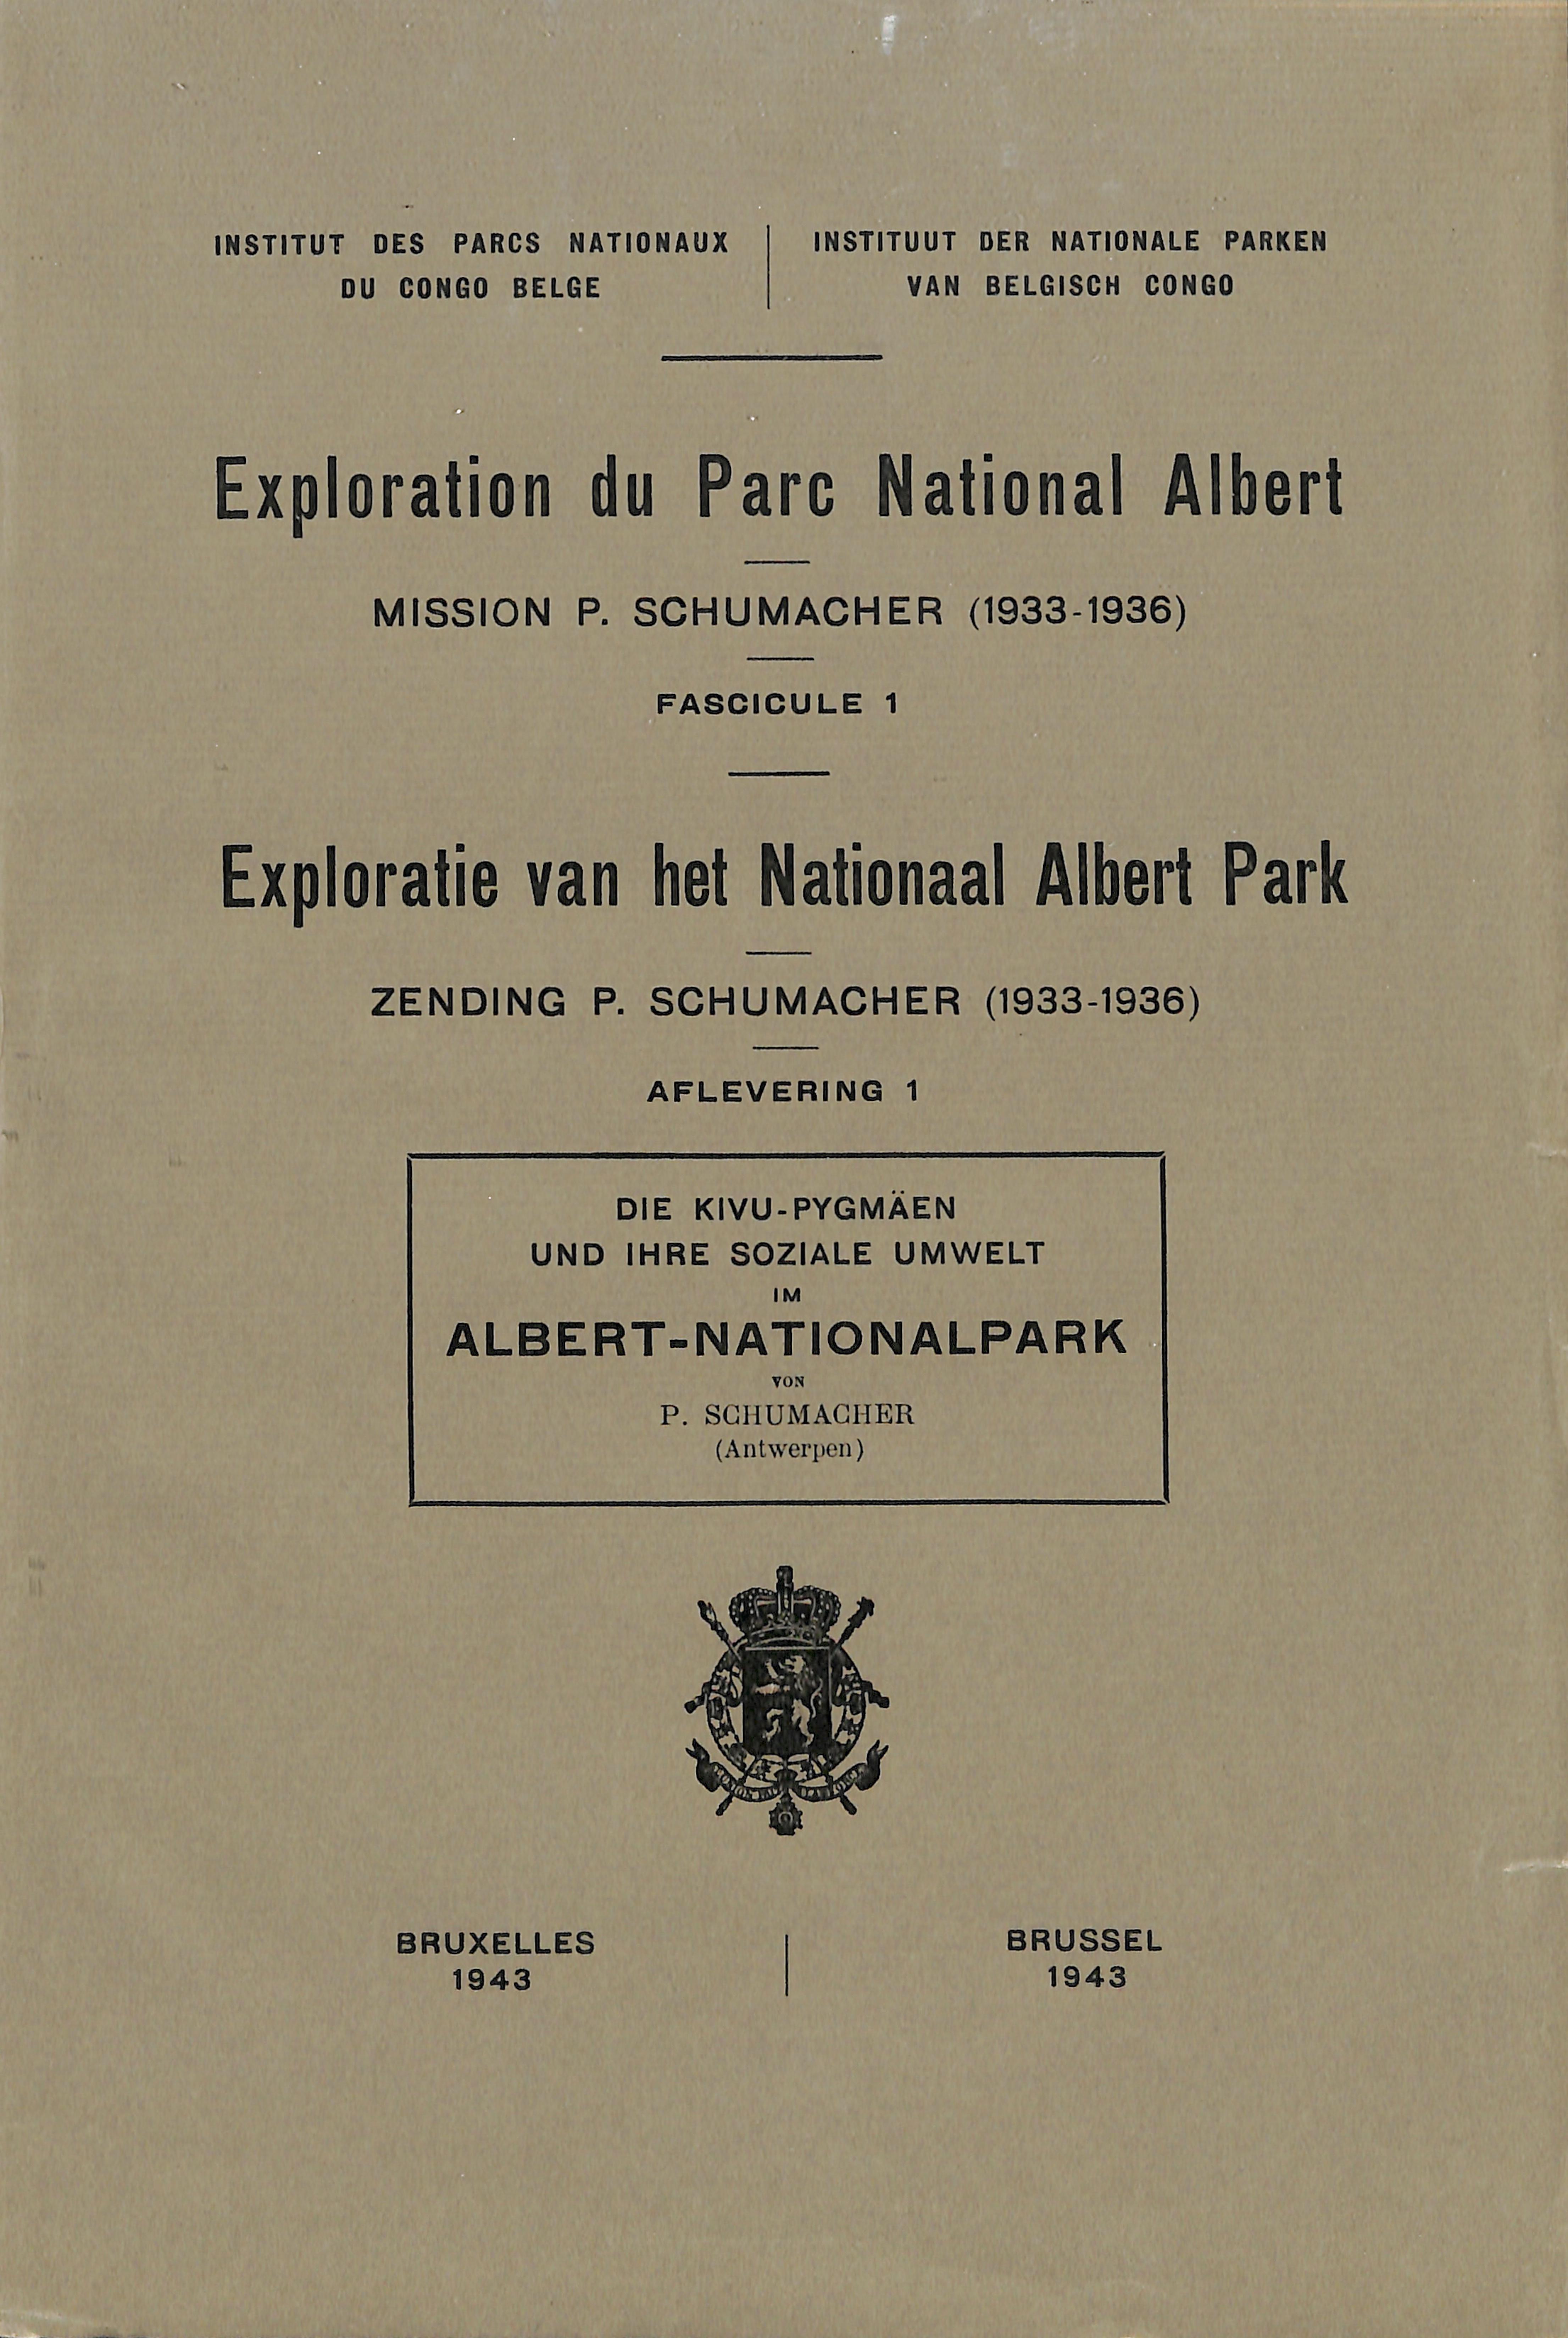 Albert 1943-1 Mission P. Schumacher 1933-1936.jpg